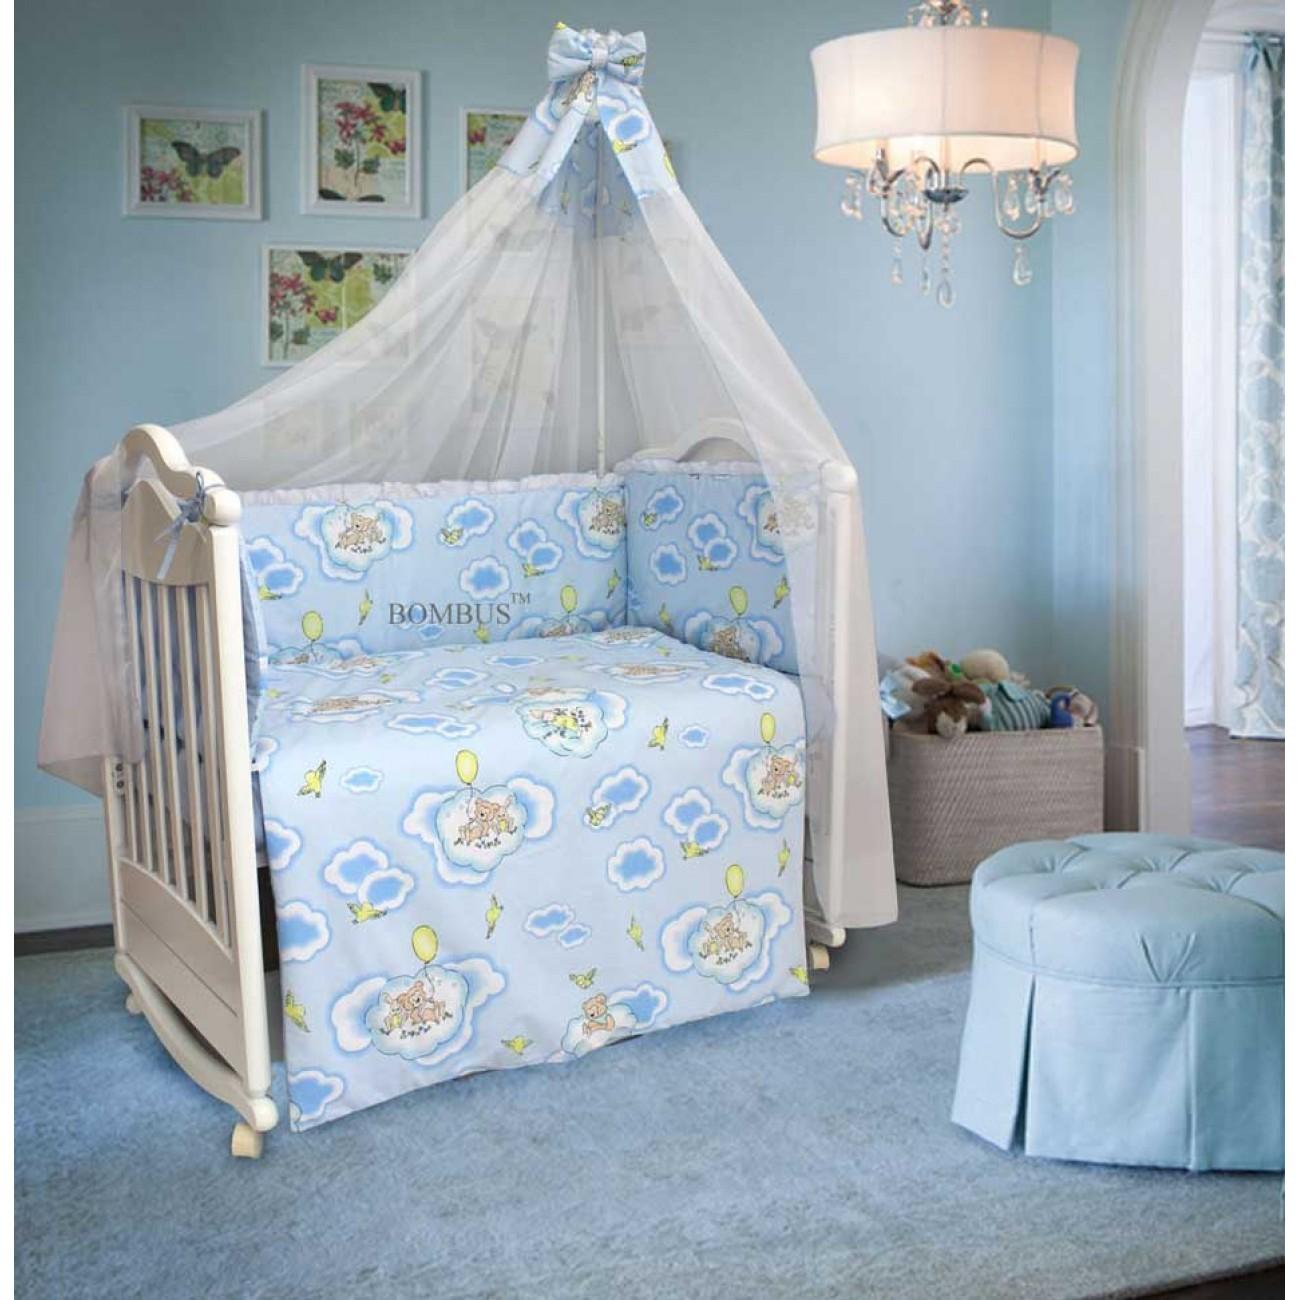 Бампер в кроватку – Сладкий сон, голубойДетское постельное белье<br>Бампер в кроватку – Сладкий сон, голубой<br>